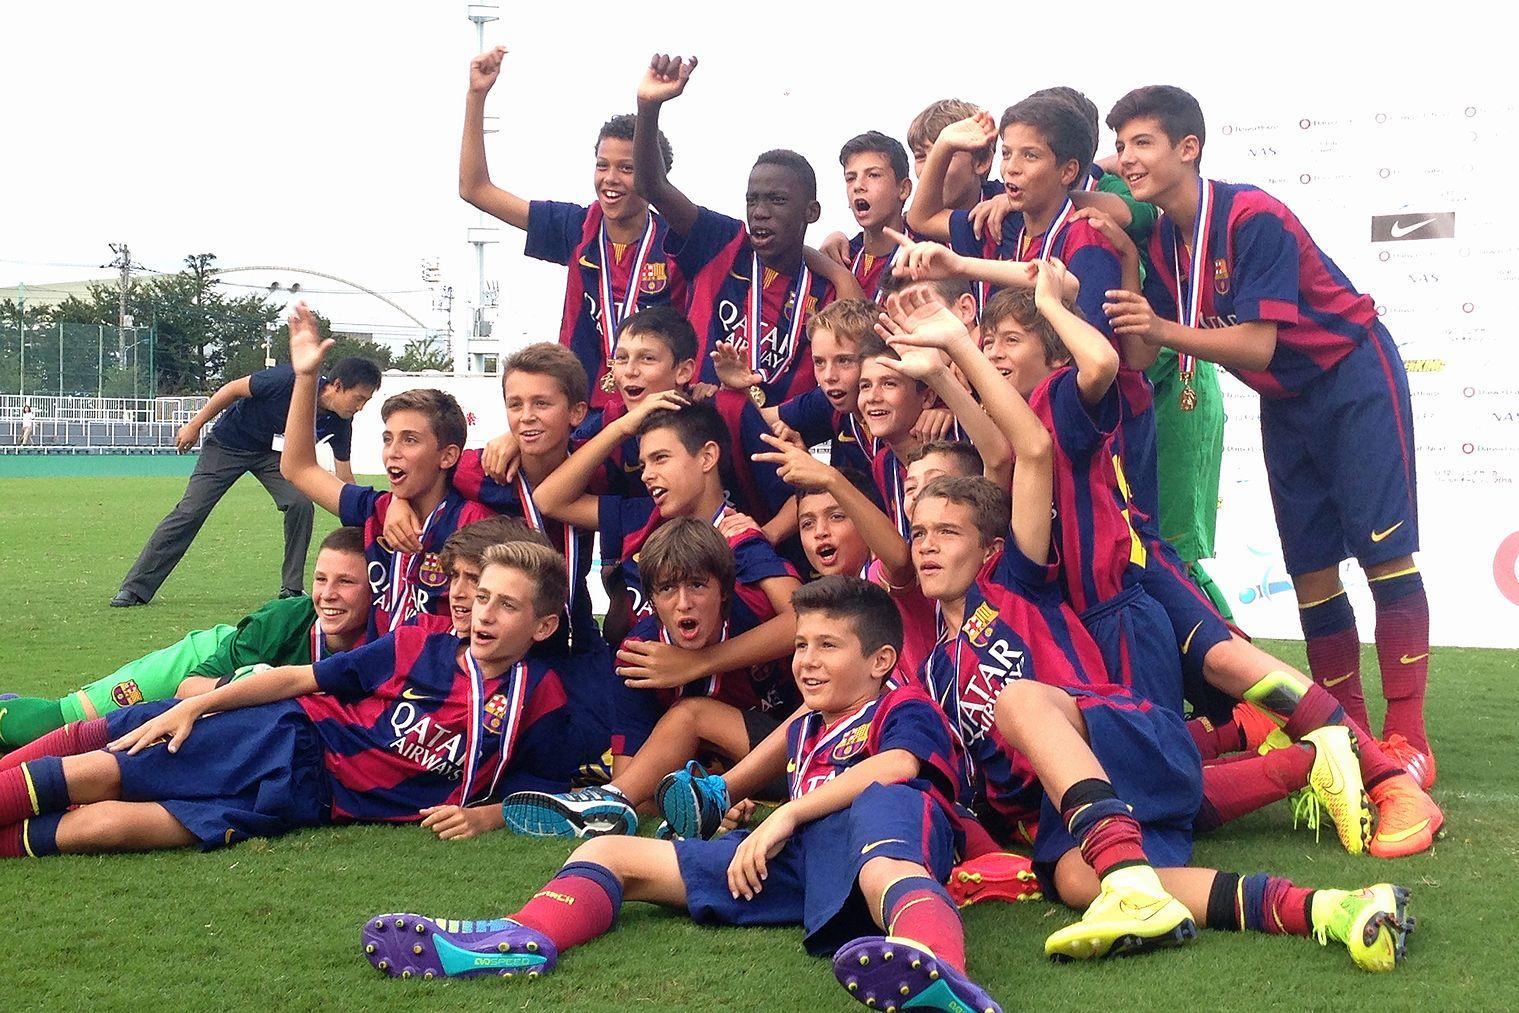 U-12ジュニアサッカーワールドチャレンジ2014